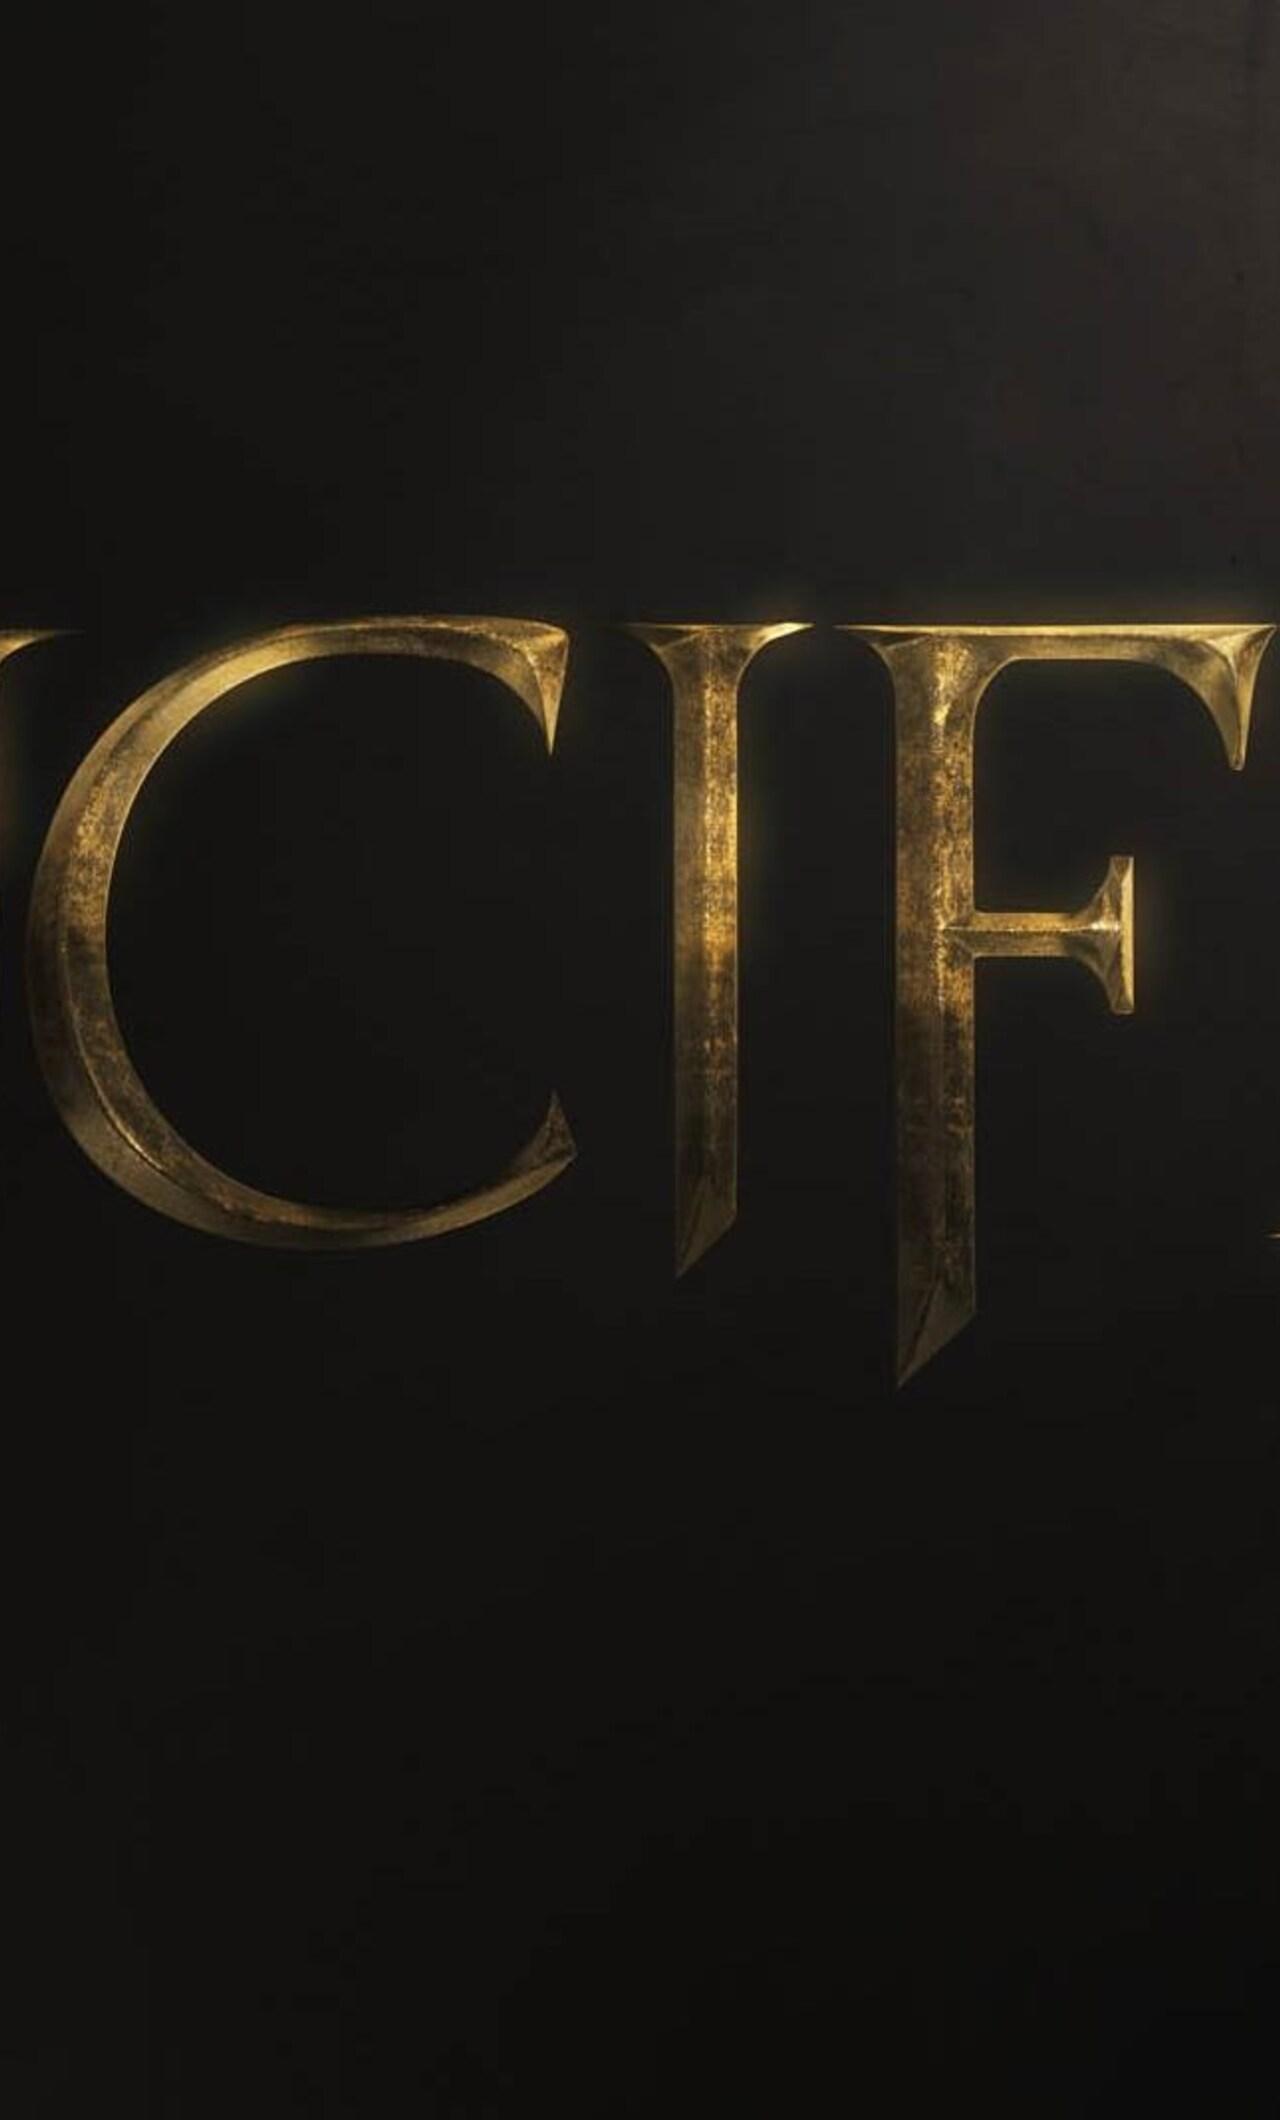 lucifer-logo-qhd.jpg